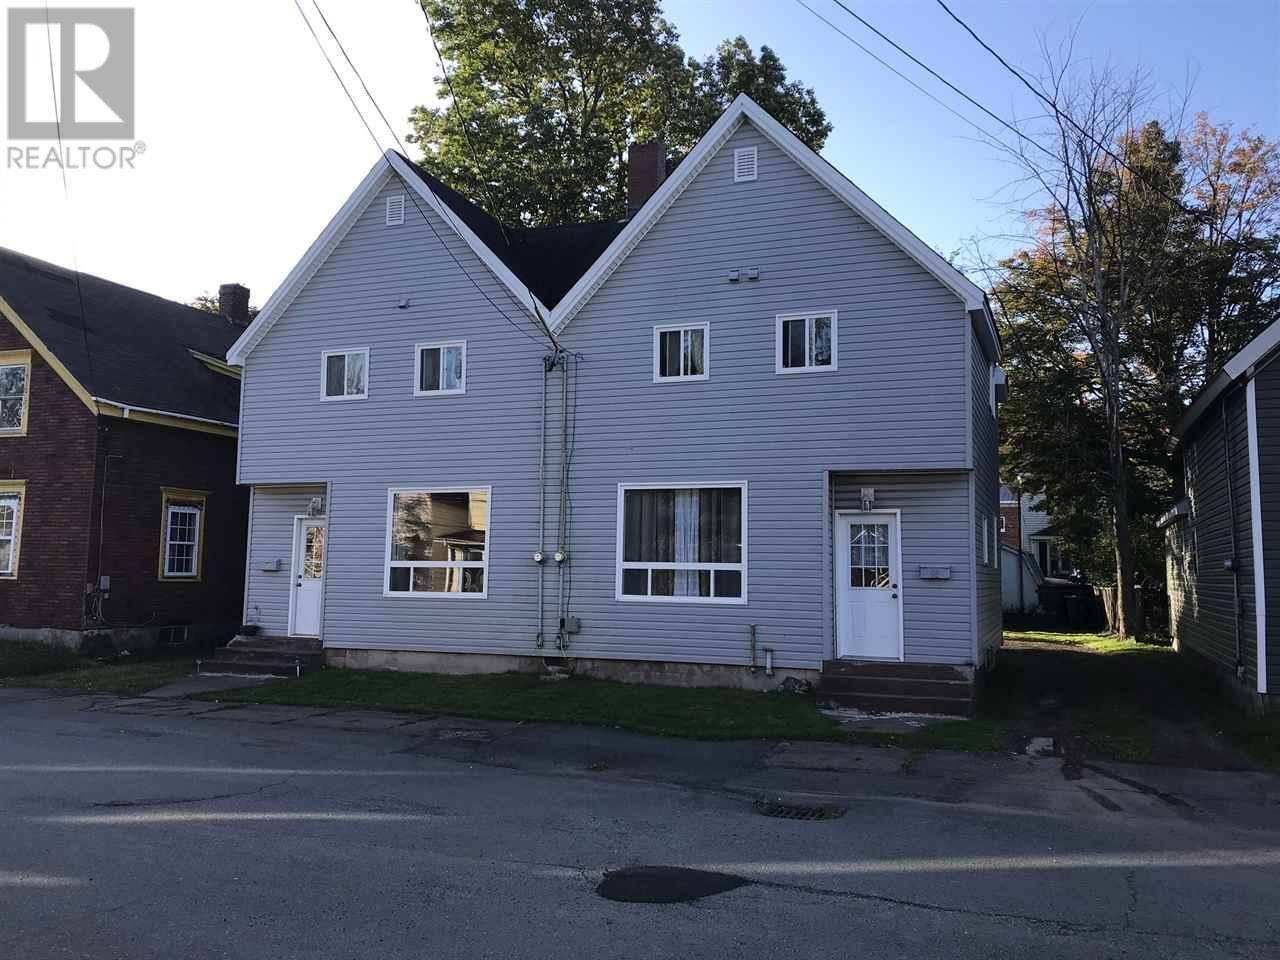 Townhouse for sale at 50 Centre St Unit 48 Truro Nova Scotia - MLS: 201923251